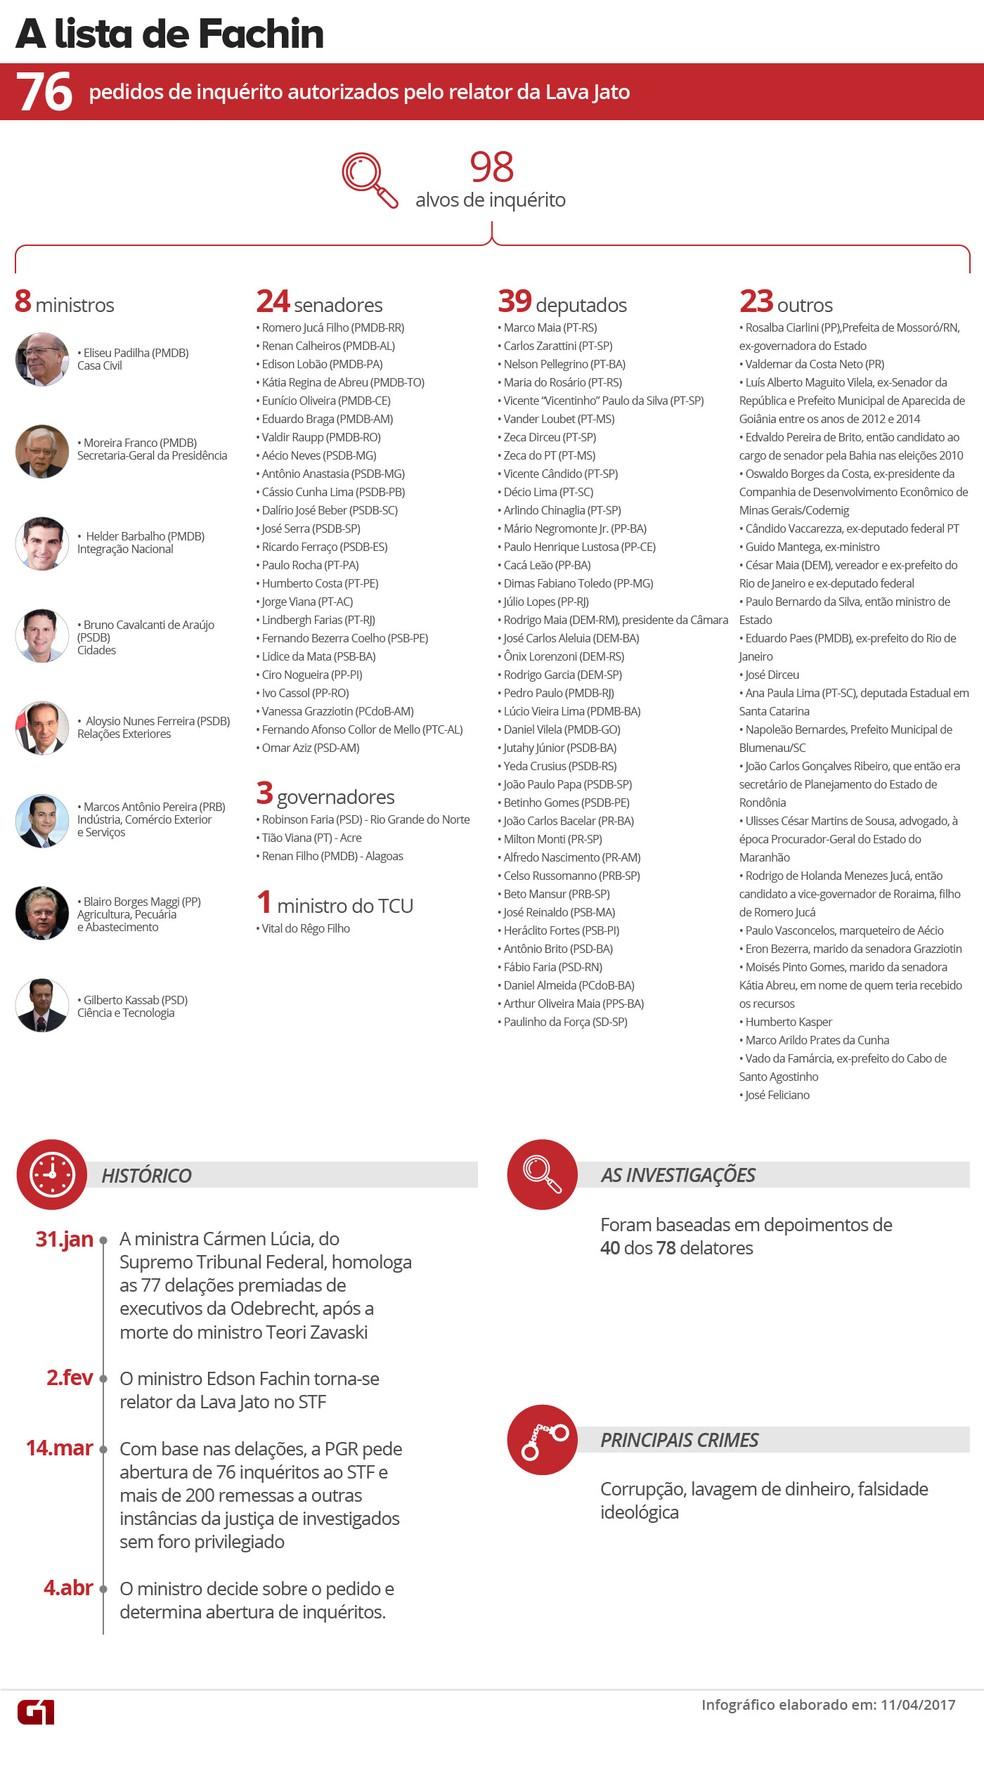 [VALE ESTE] Lista de Fachin (Foto: Arte/G1)